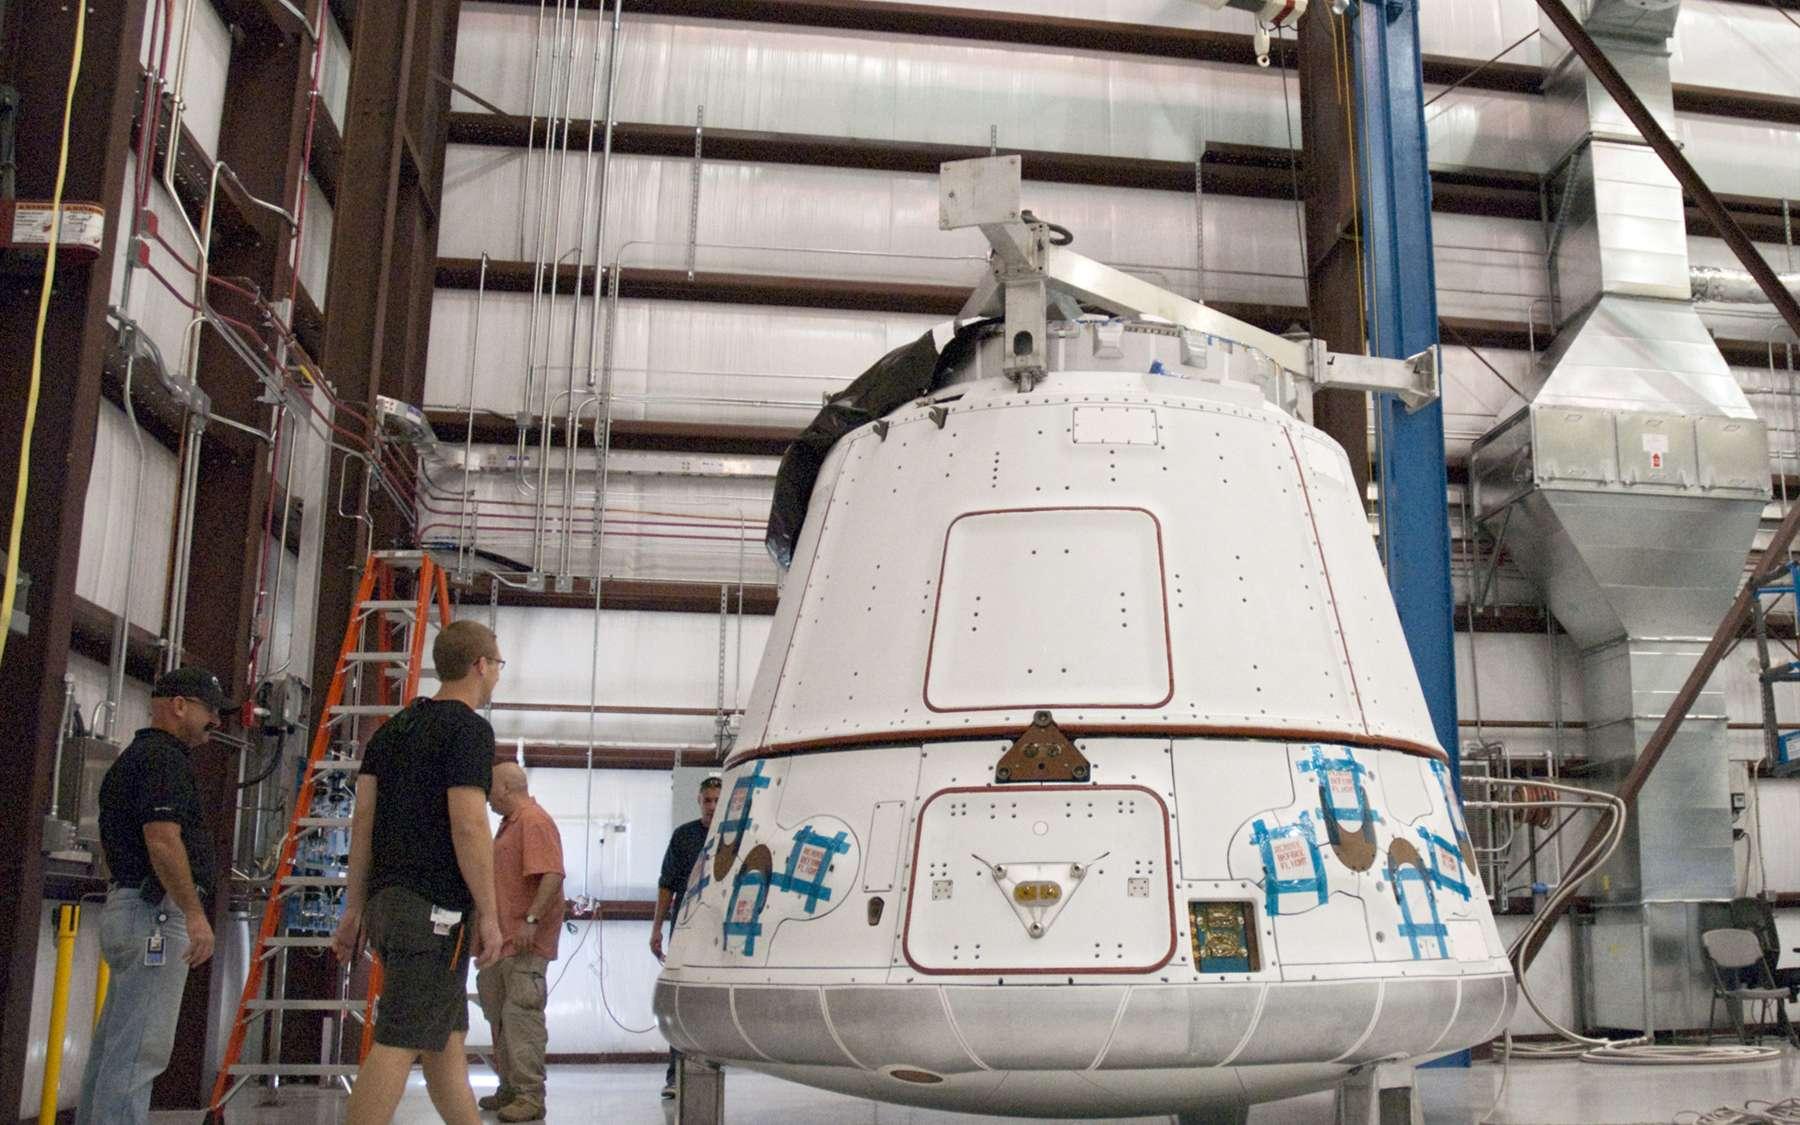 La capsule Dragon de SpaceX vient d'arriver au Centre spatial Kennedy de la Nasa. Elle sera lancée par un Falcon 9 début 2012. © Nasa/Charisse Nahser